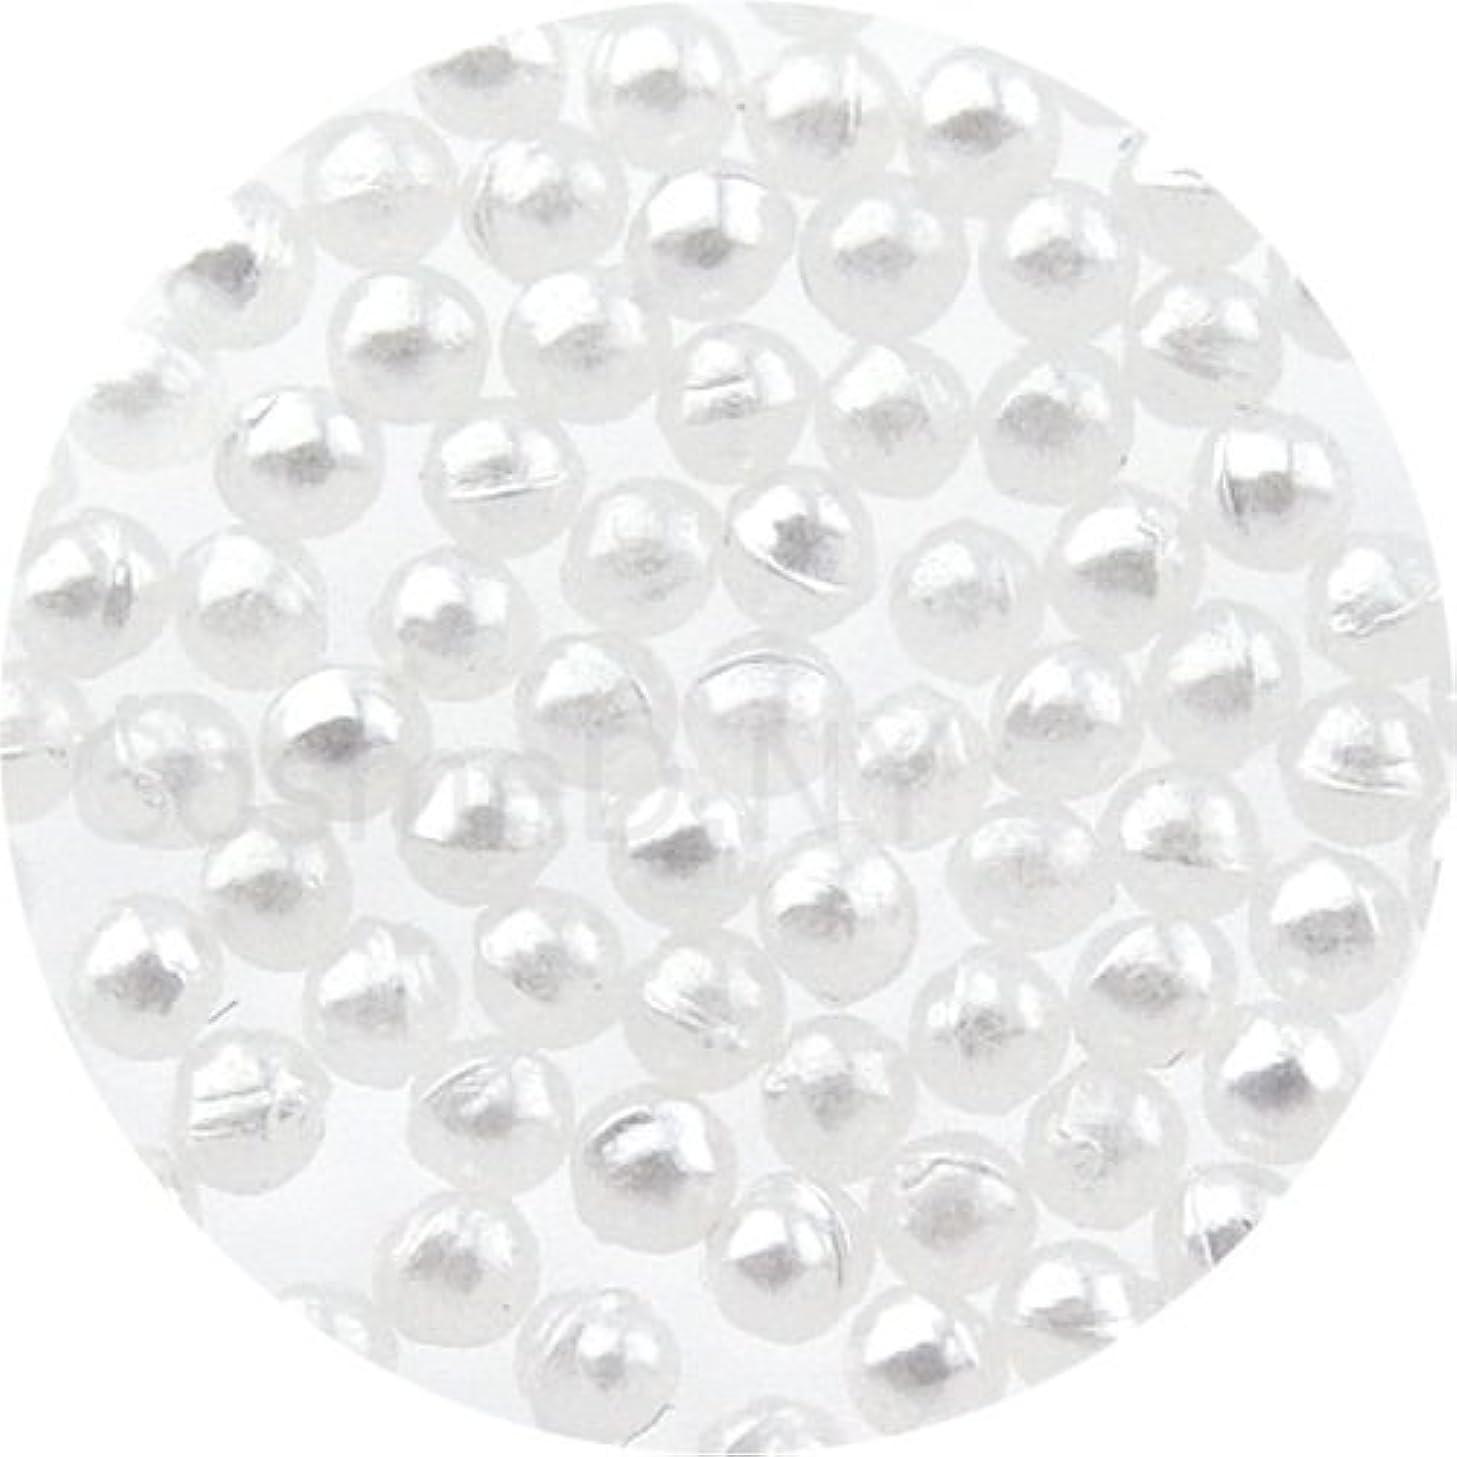 乳スペル平らにするパールストーン球1.5mmホワイト